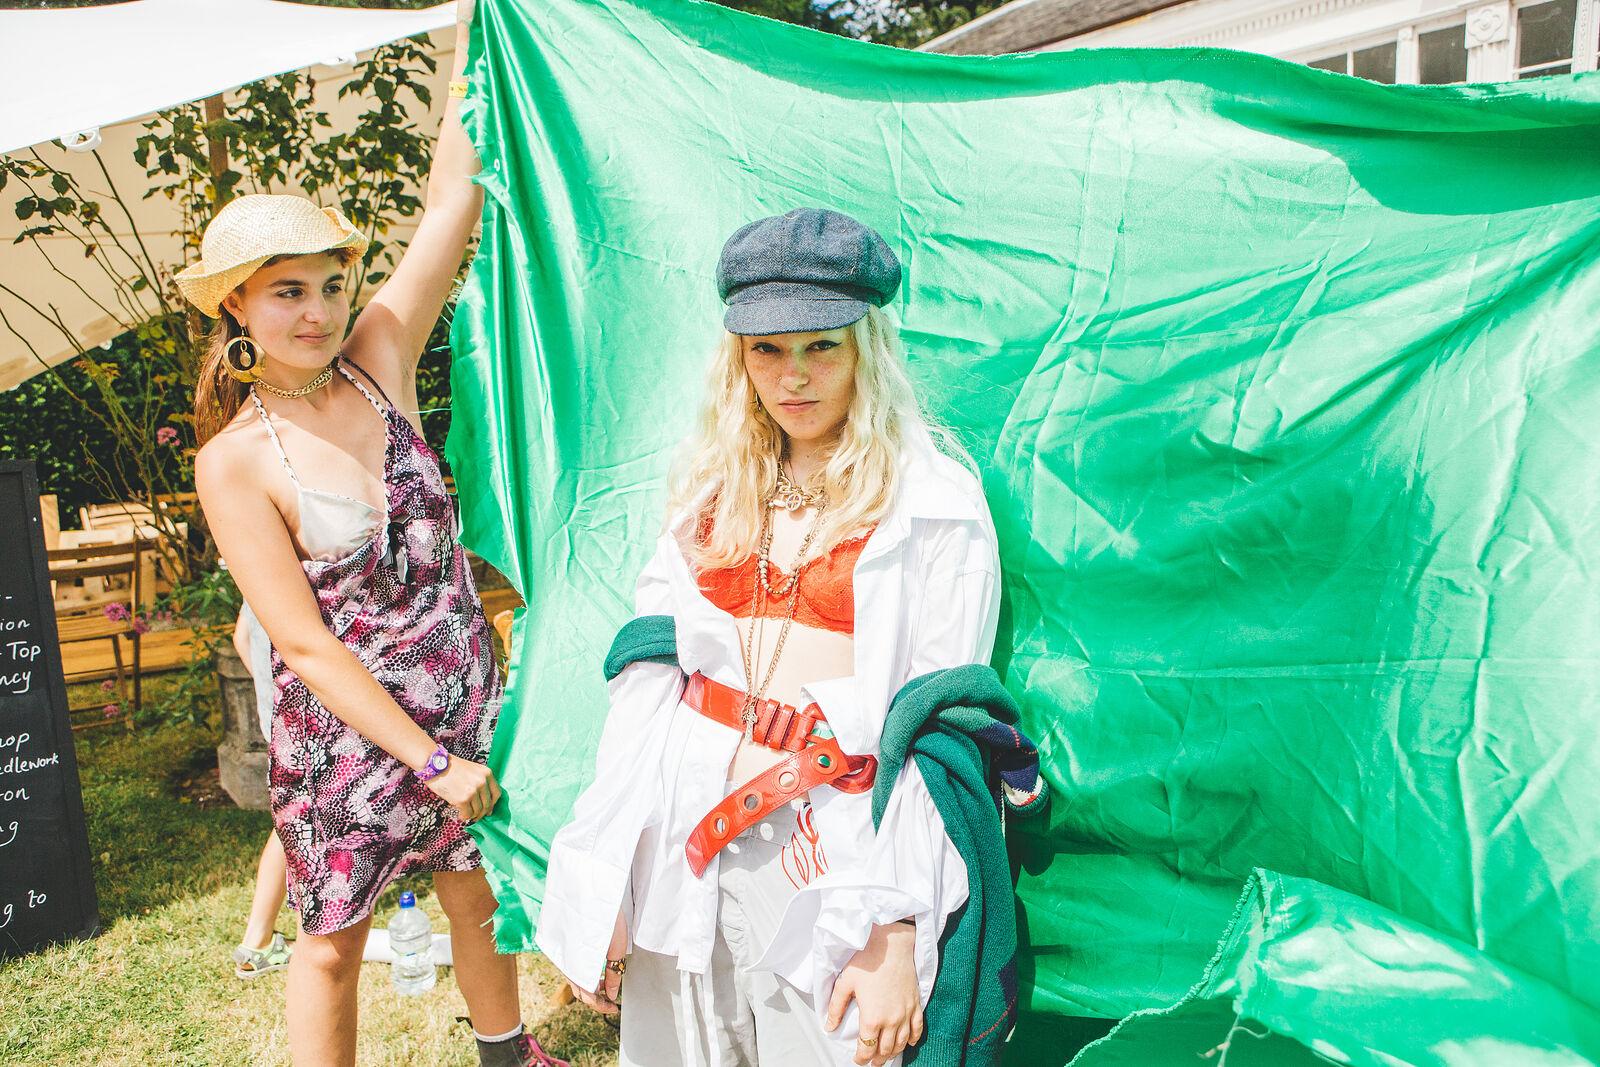 Port Eliots Next Top Model